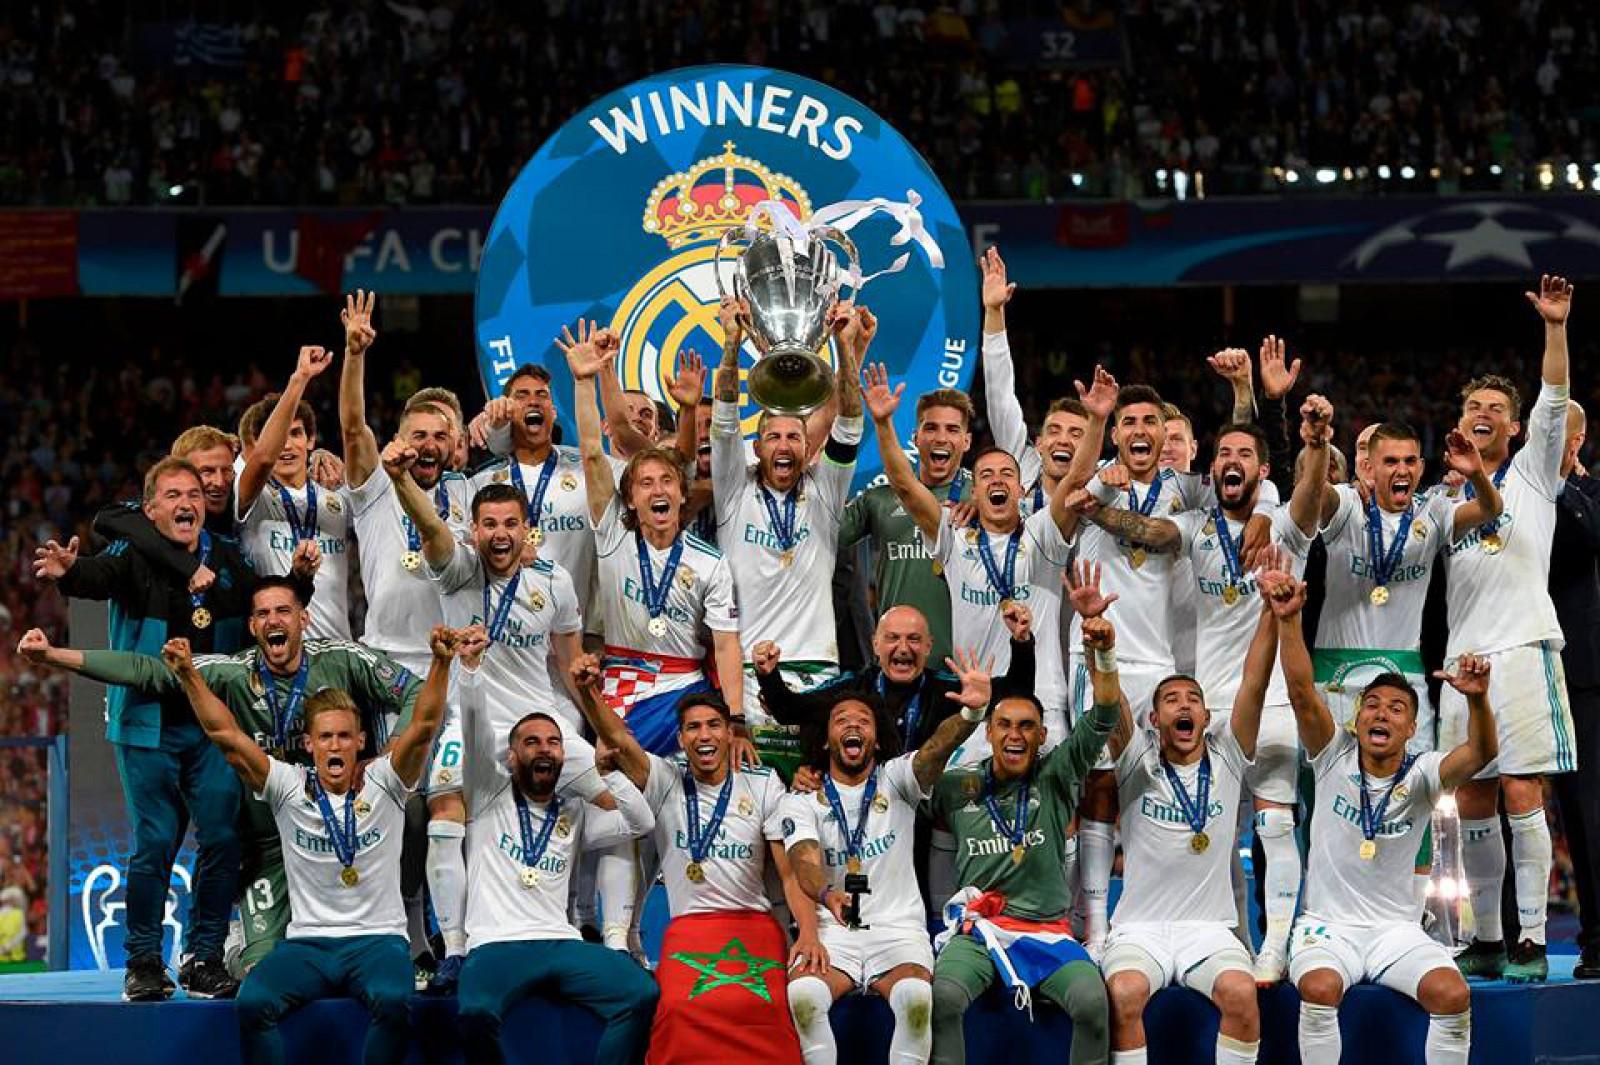 Performanță istorică pentru Real Madrid! Echipa lui Zinedine Zidane a învins-o pe FC Liverpool și a câștigat a treia oară consecutiv Liga Campionilor